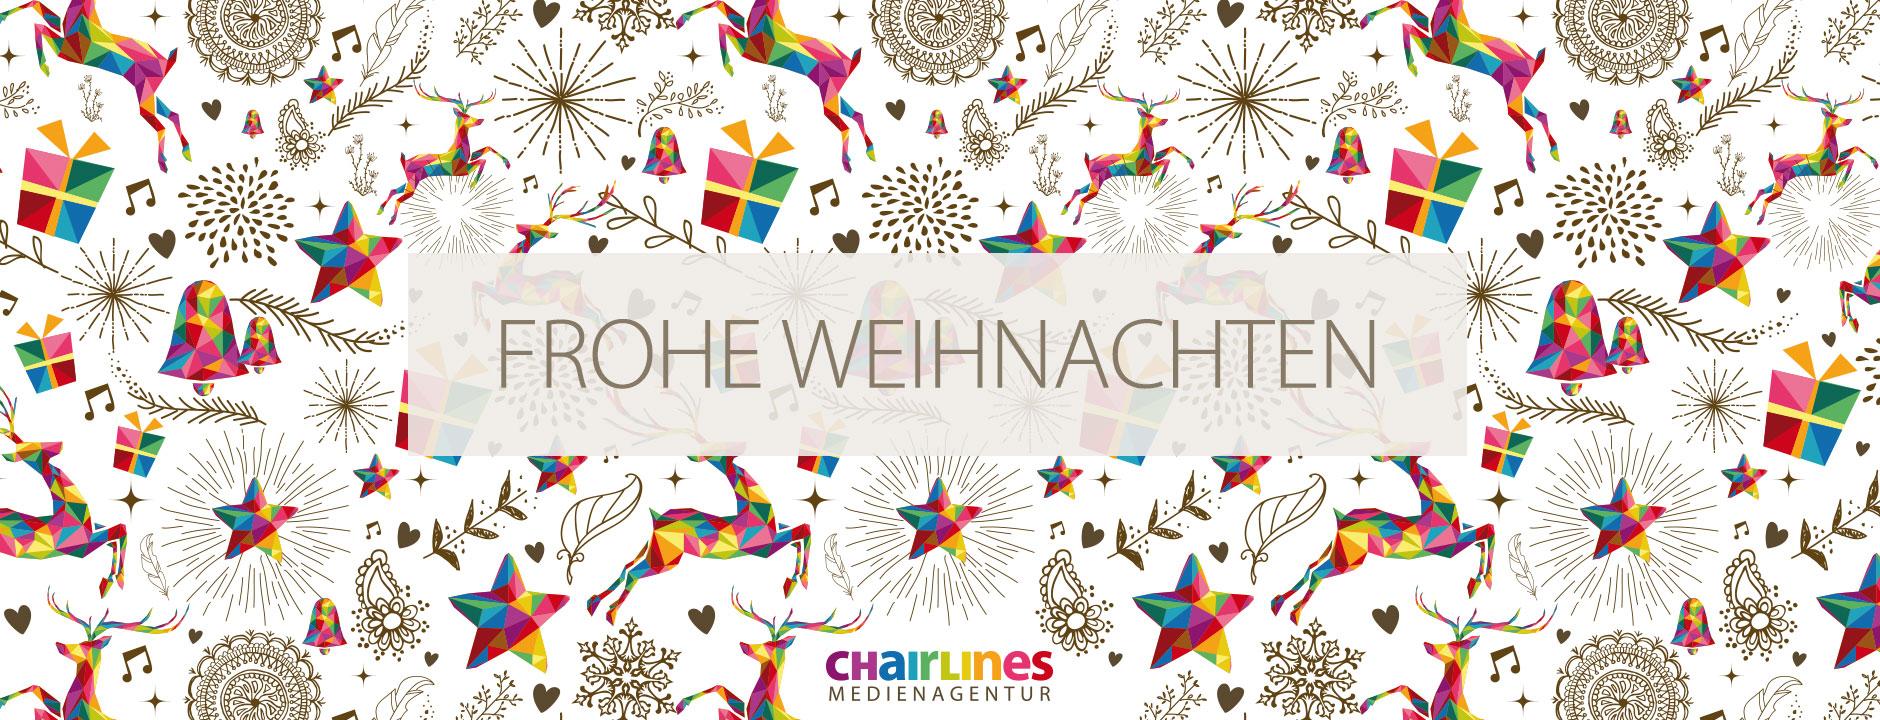 chairlines – Weihnachtskarte Design Weihnachten